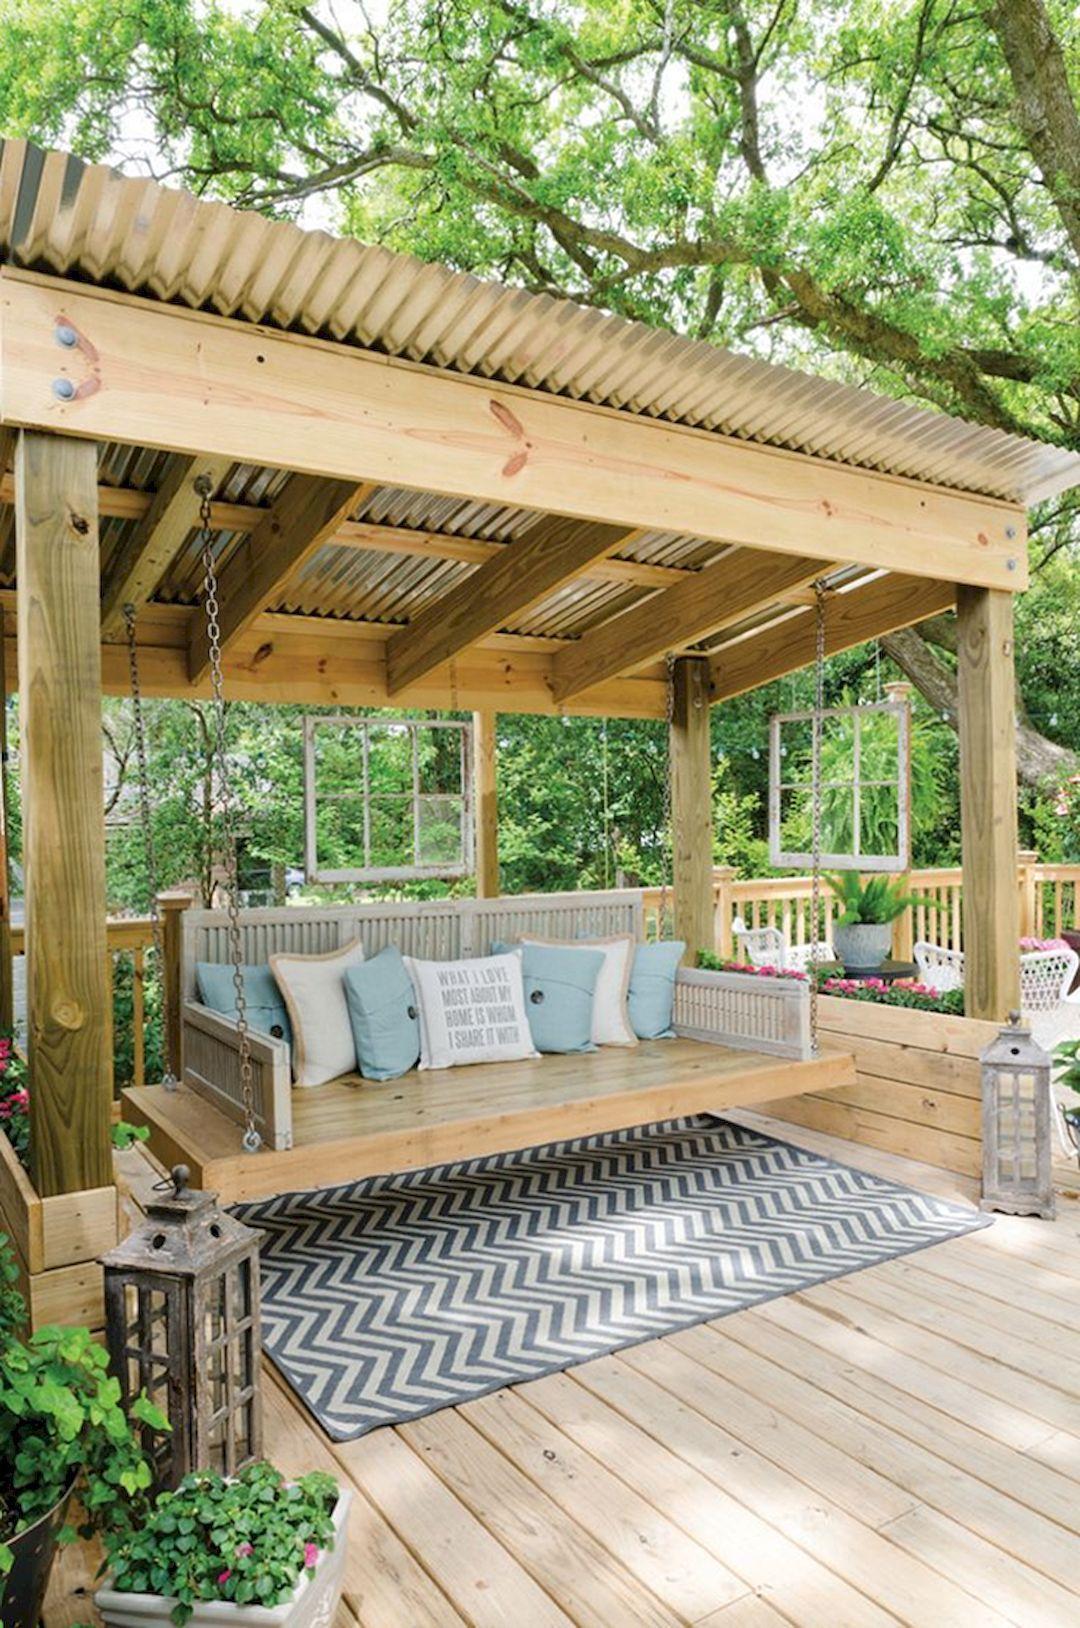 Cool Backyard Deck Design Idea 27 #deckbuildingideas | DIY Ideas ...